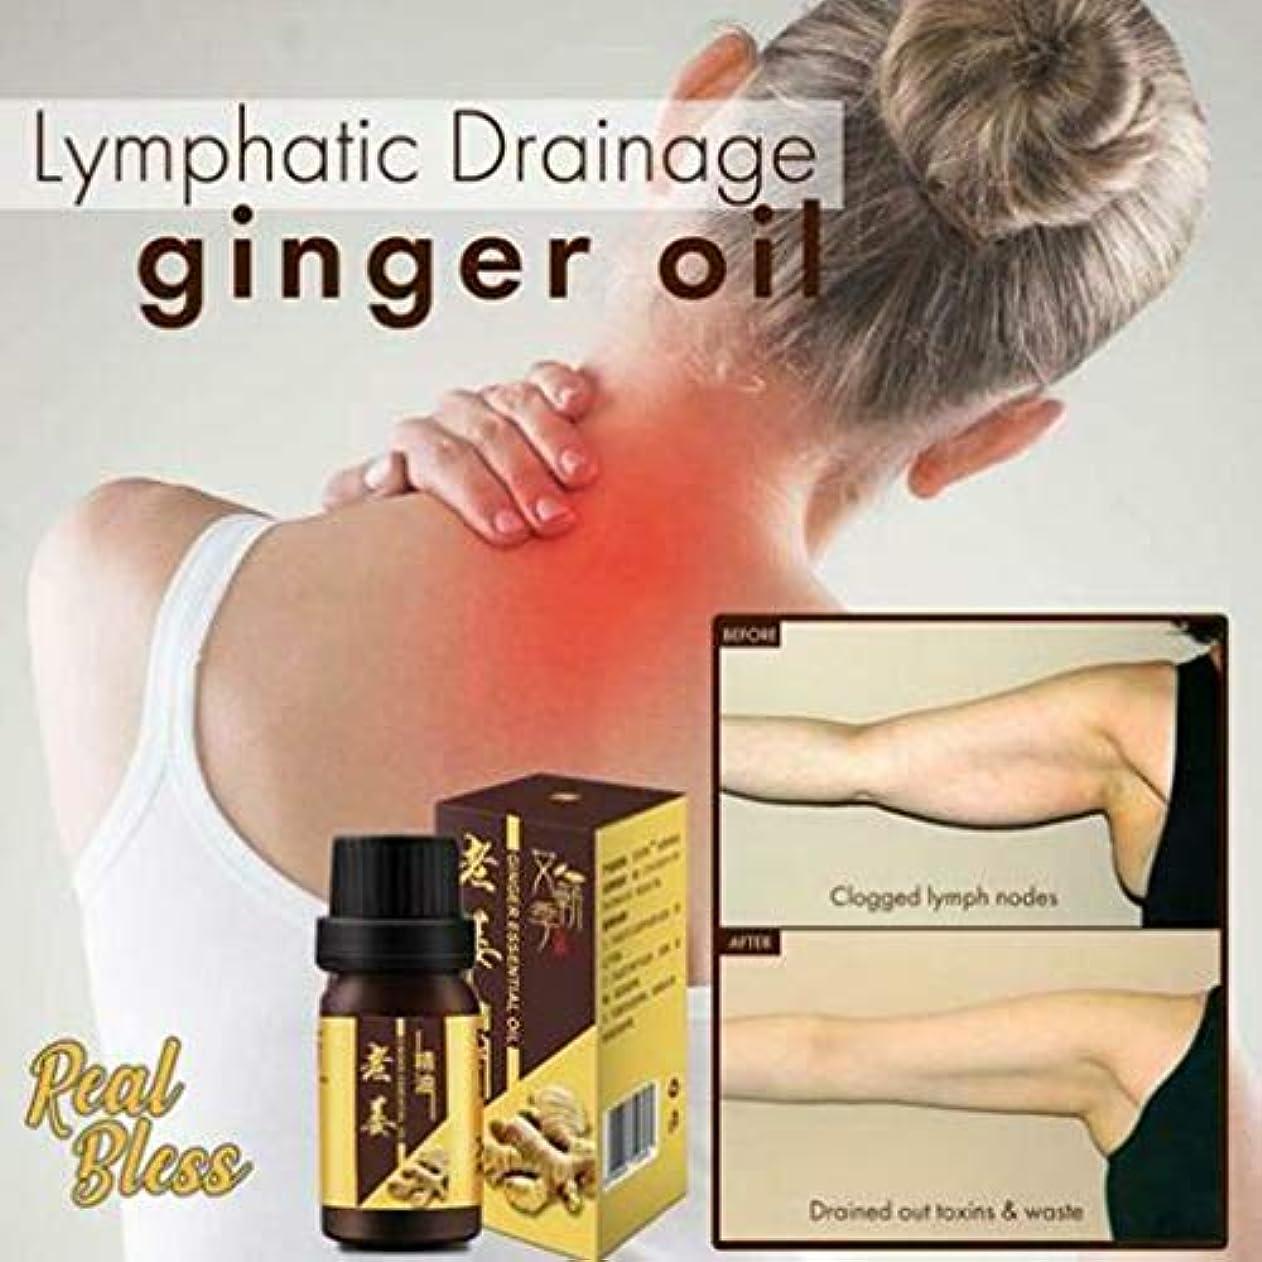 増幅器セクタデッキZooArts ジンジャーエッセンシャルオイル 精油 100%ピュアナチュラル ジンジャーオイル スパマッサージオイル ジンジャーオイルオーガニック Slimming Fat Miracle Ginger Oil 10ml